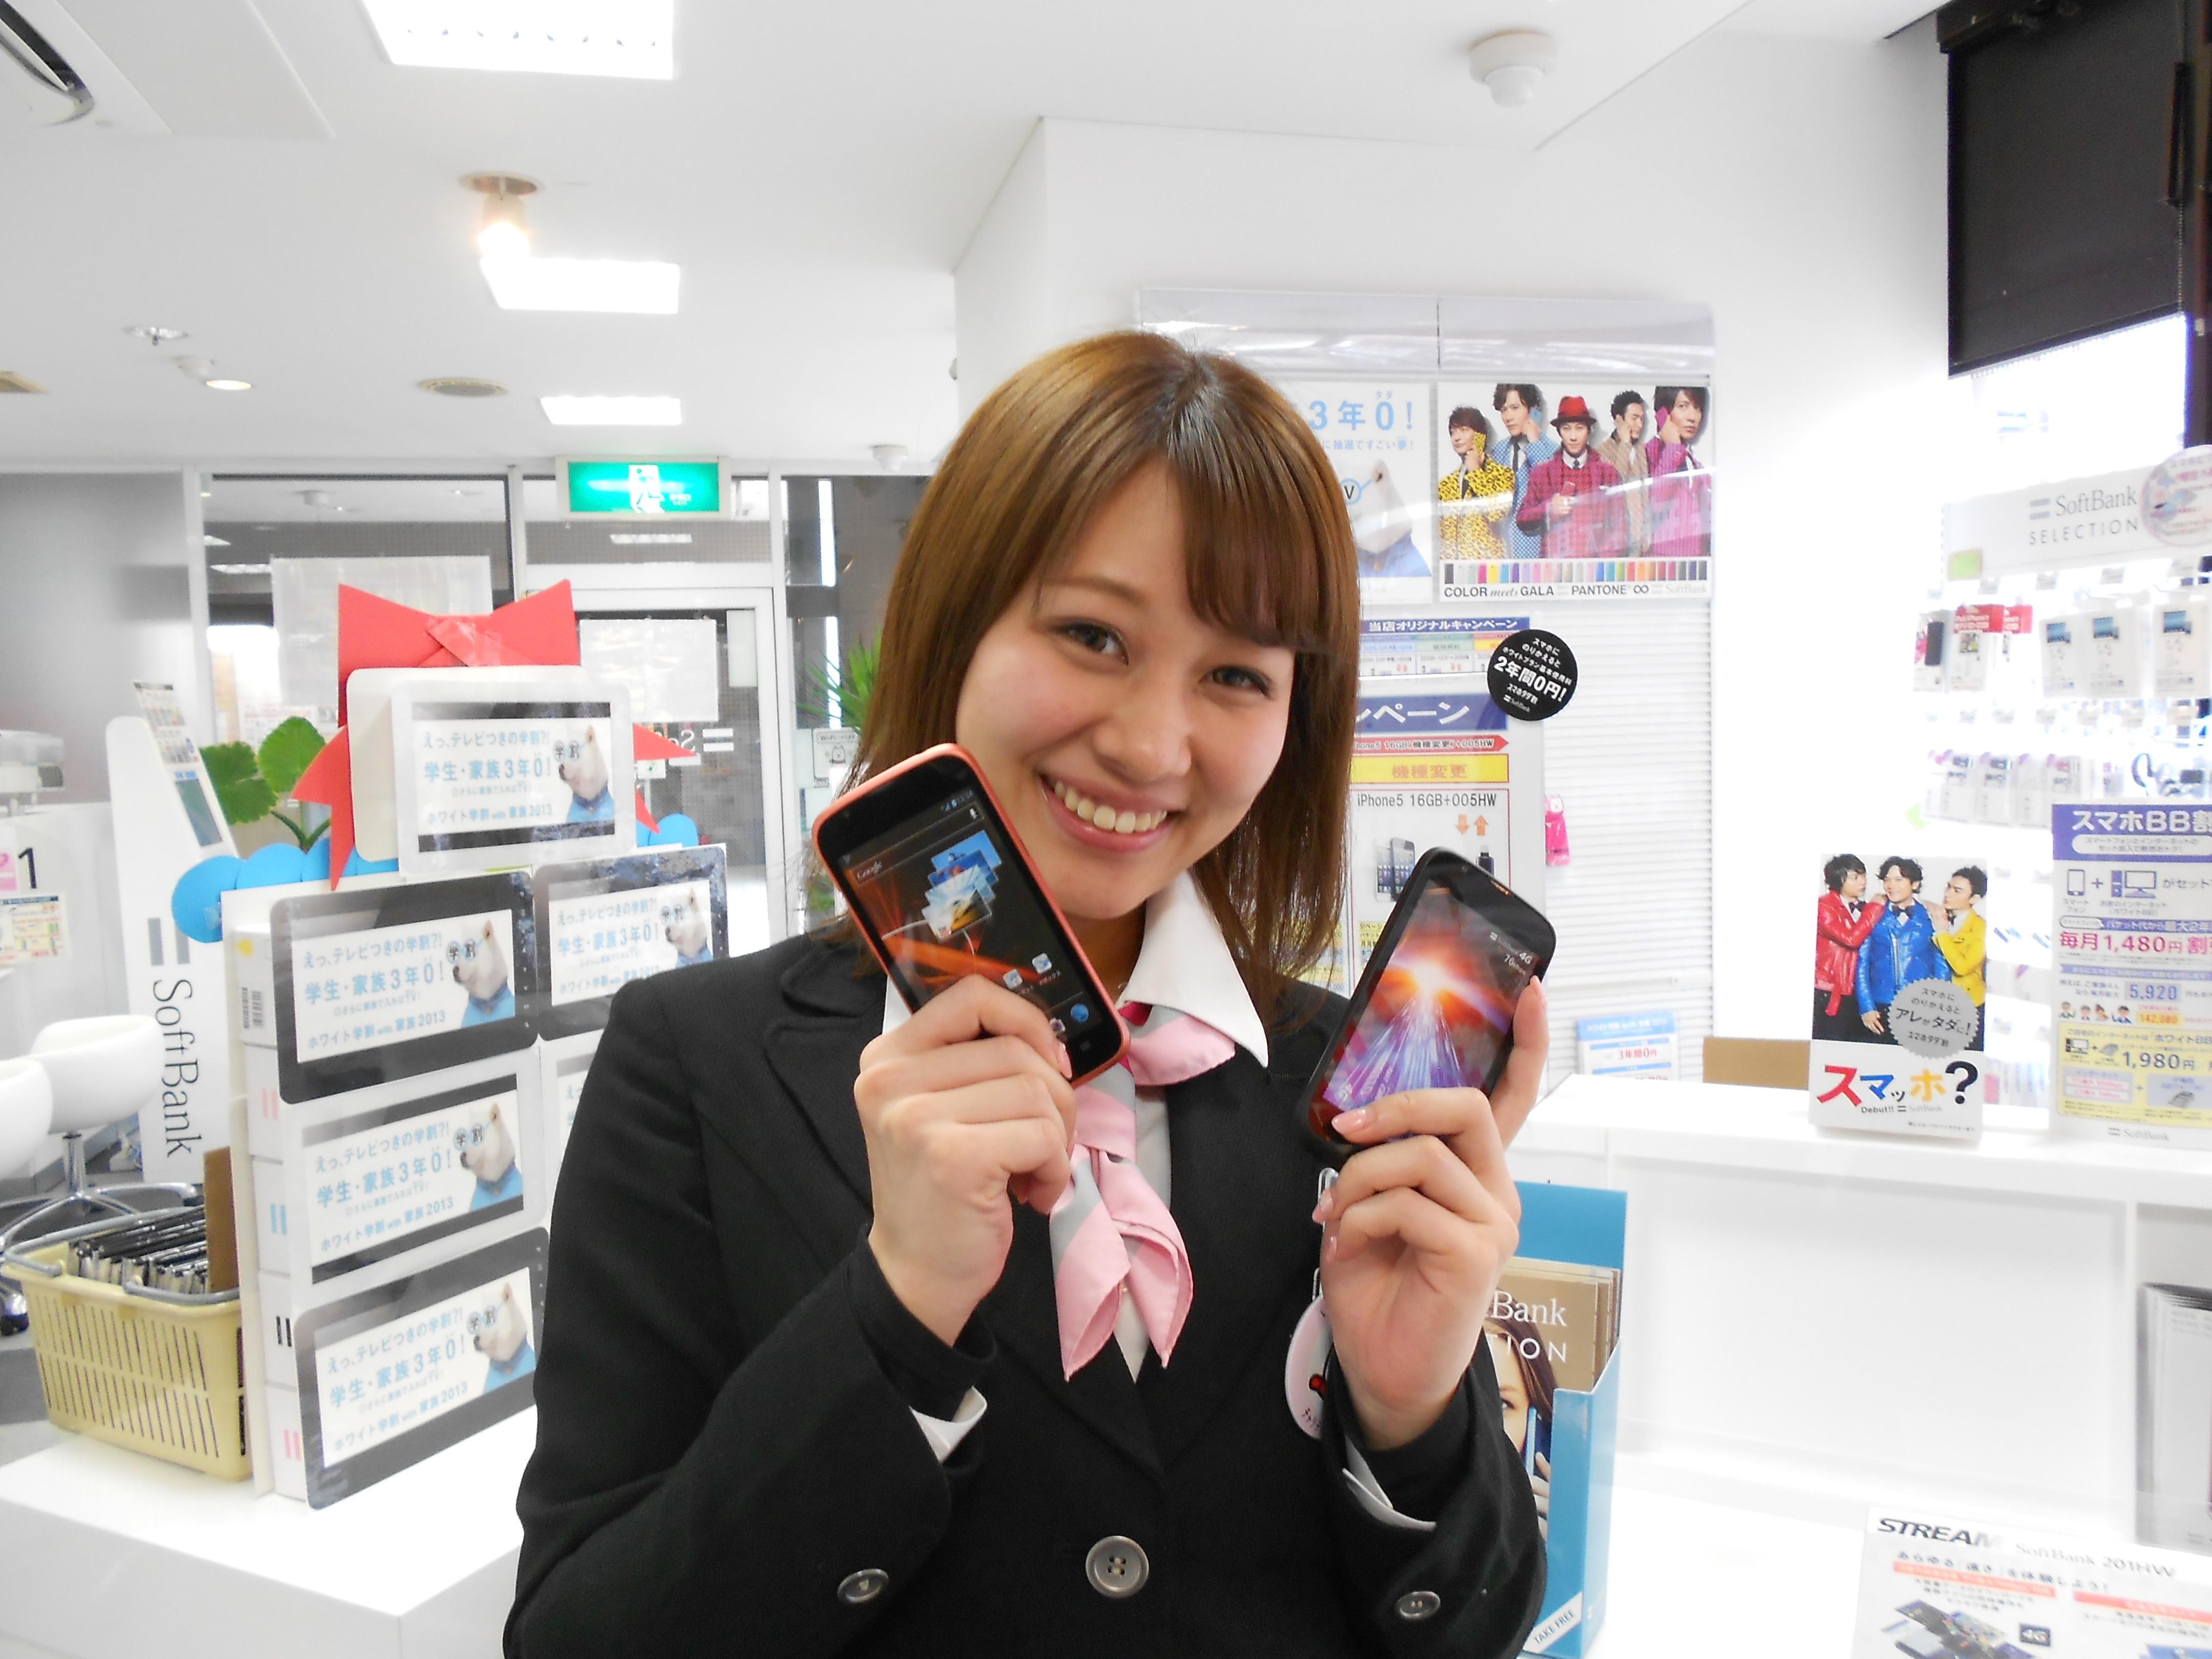 ワイモバイル 東松山(株式会社シエロ)のアルバイト情報